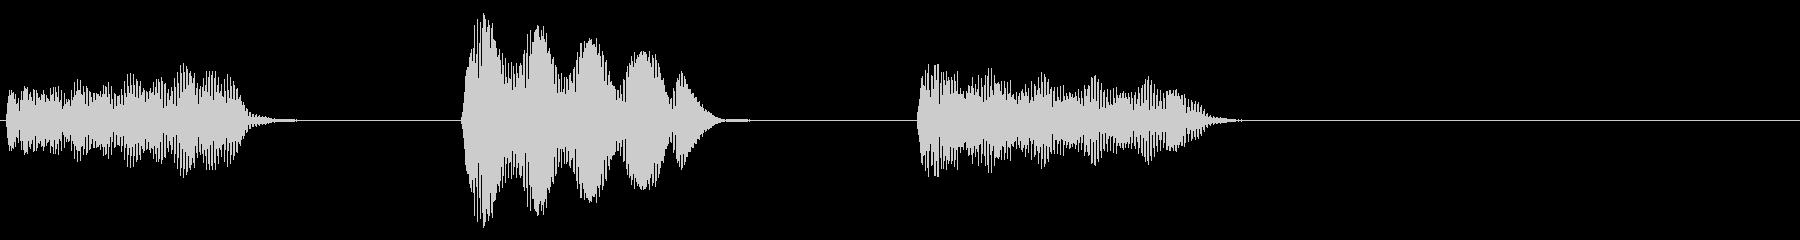 ピピピッ(目覚まし時計のアラーム音)の未再生の波形